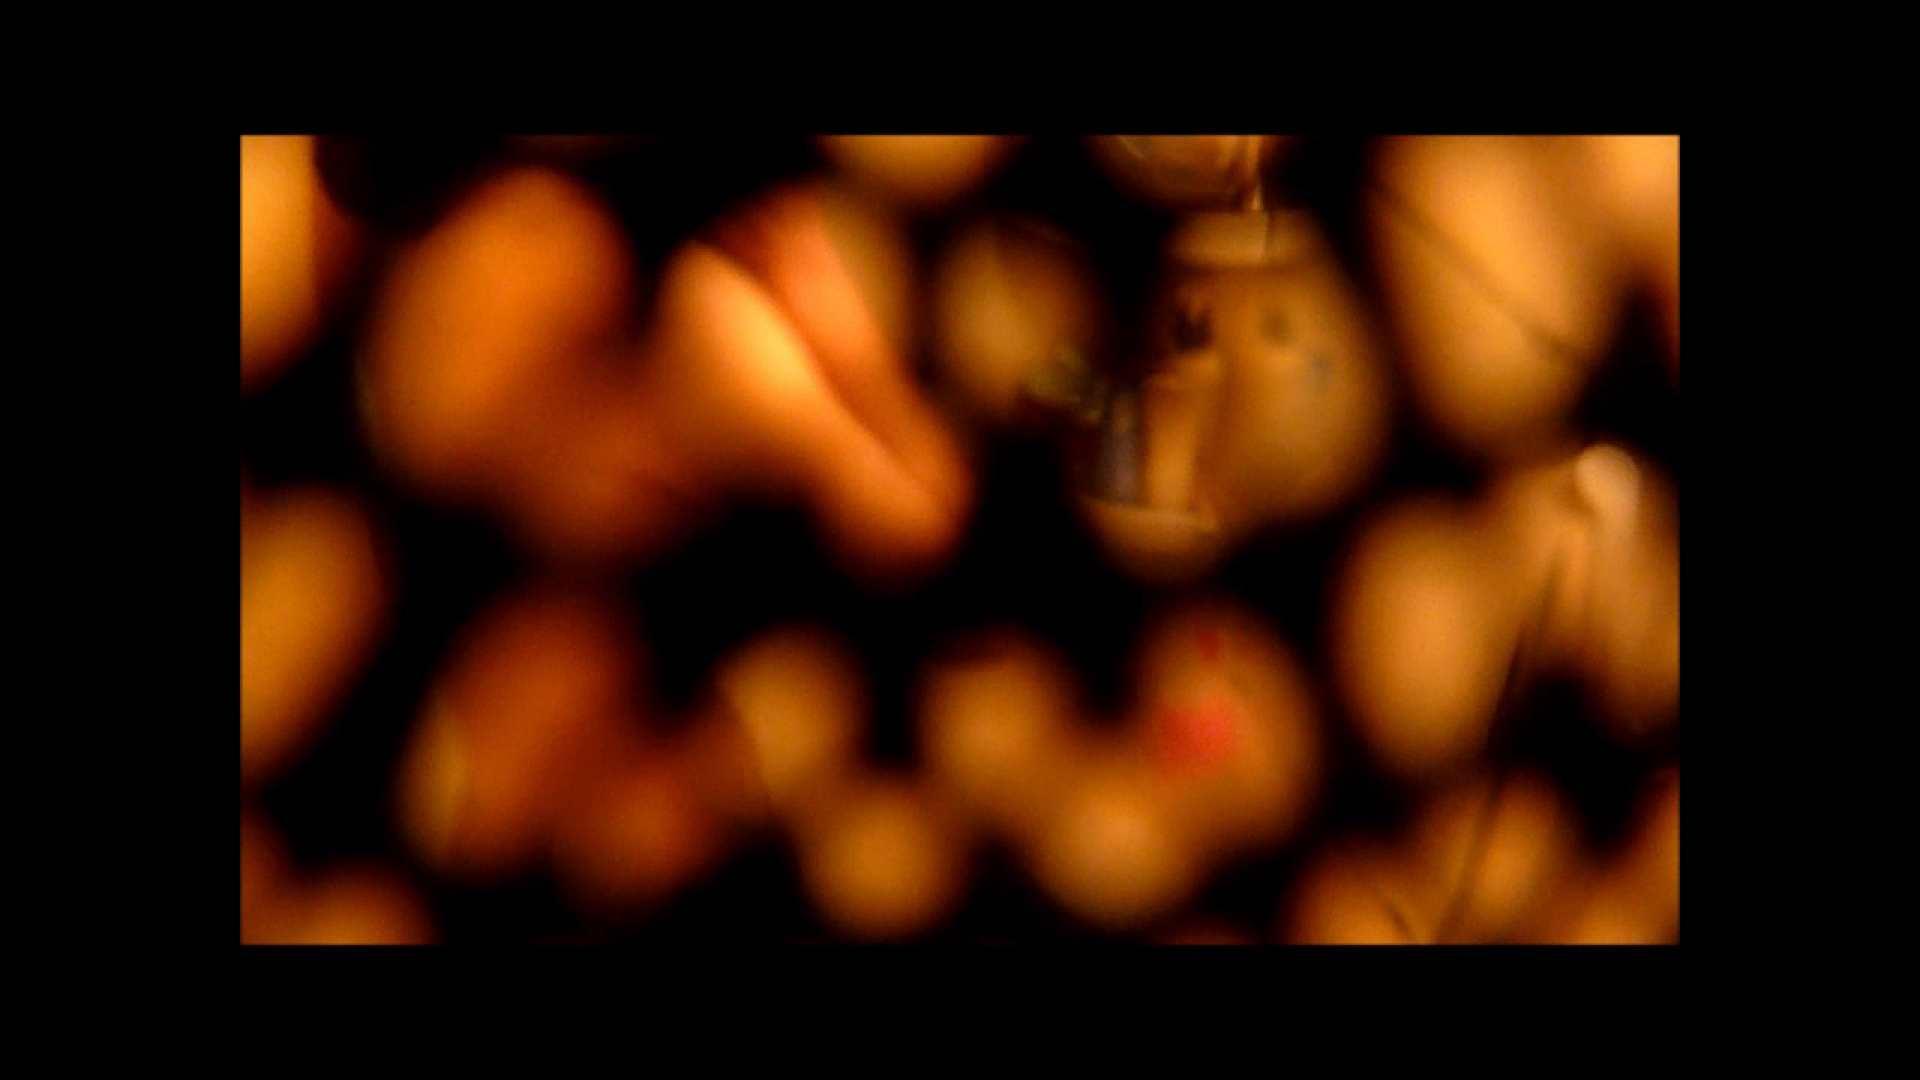 【02】ベランダに侵入して張り込みを始めて・・・やっと結果が出ました。 家宅侵入 | 0  82画像 19